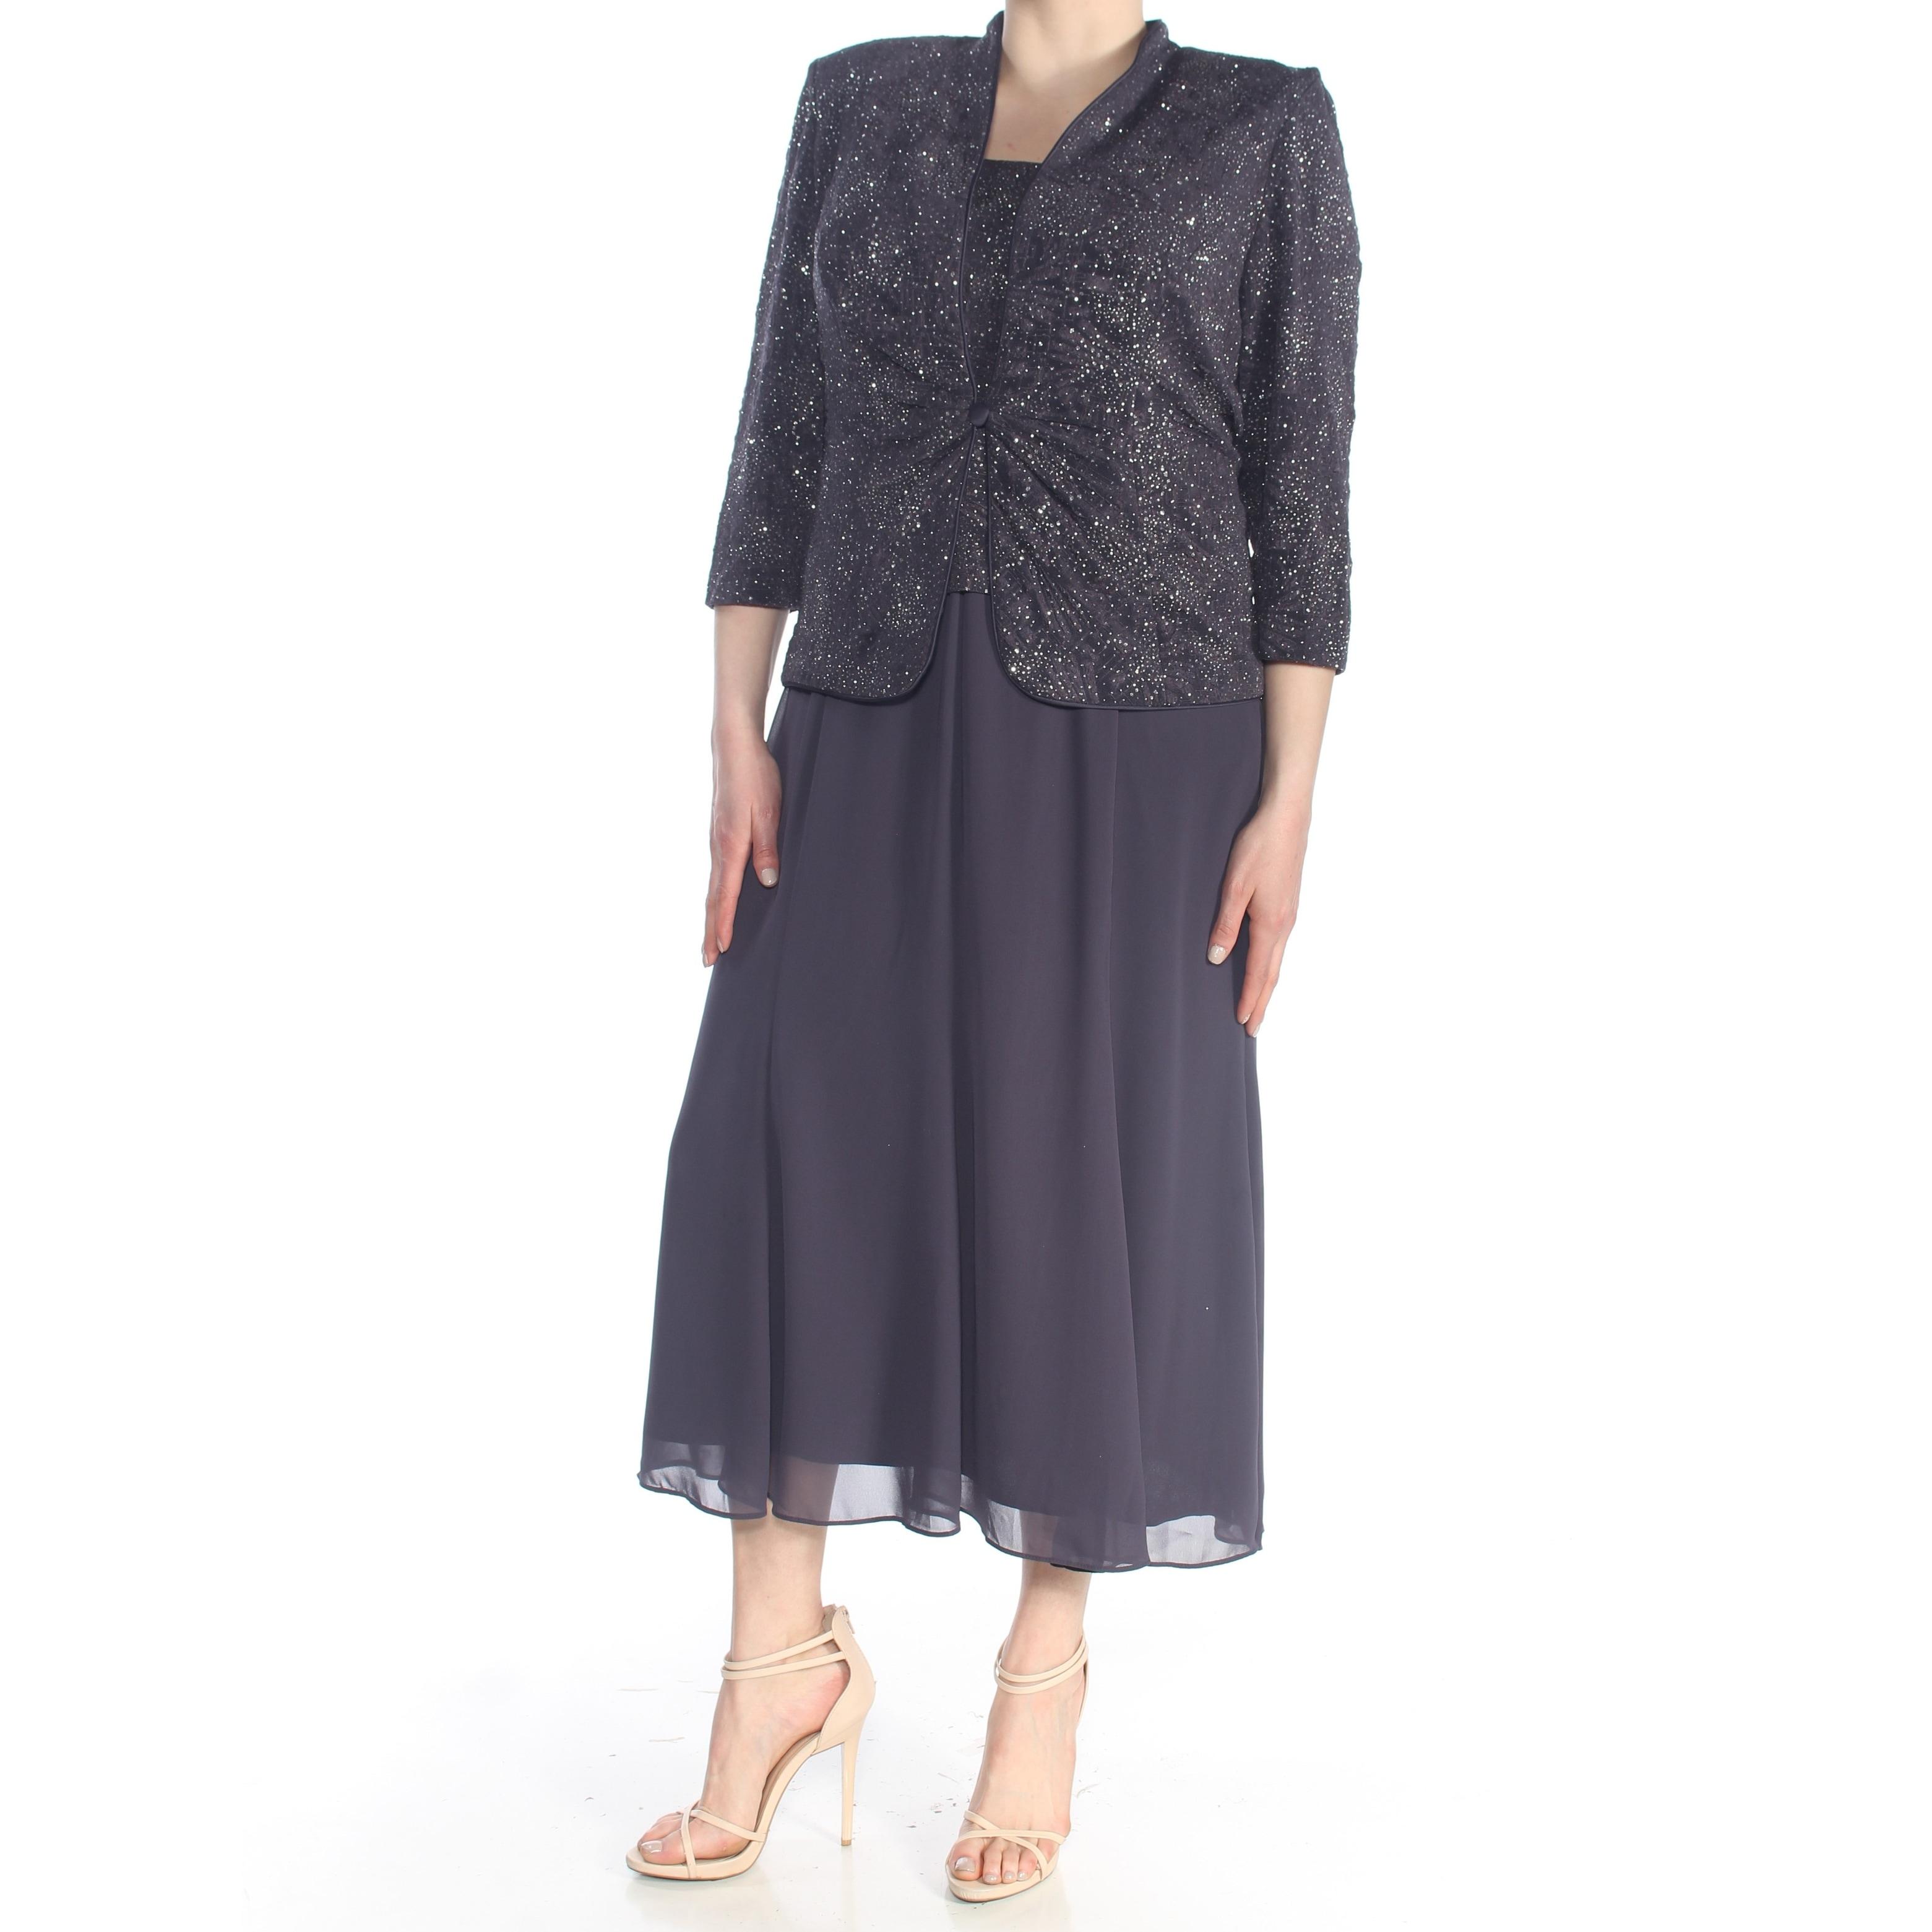 31084edfeabb ALEX EVENINGS Womens Gray Glitter 2 Piece With Jacket Evening Dress Plus  Size: 16W